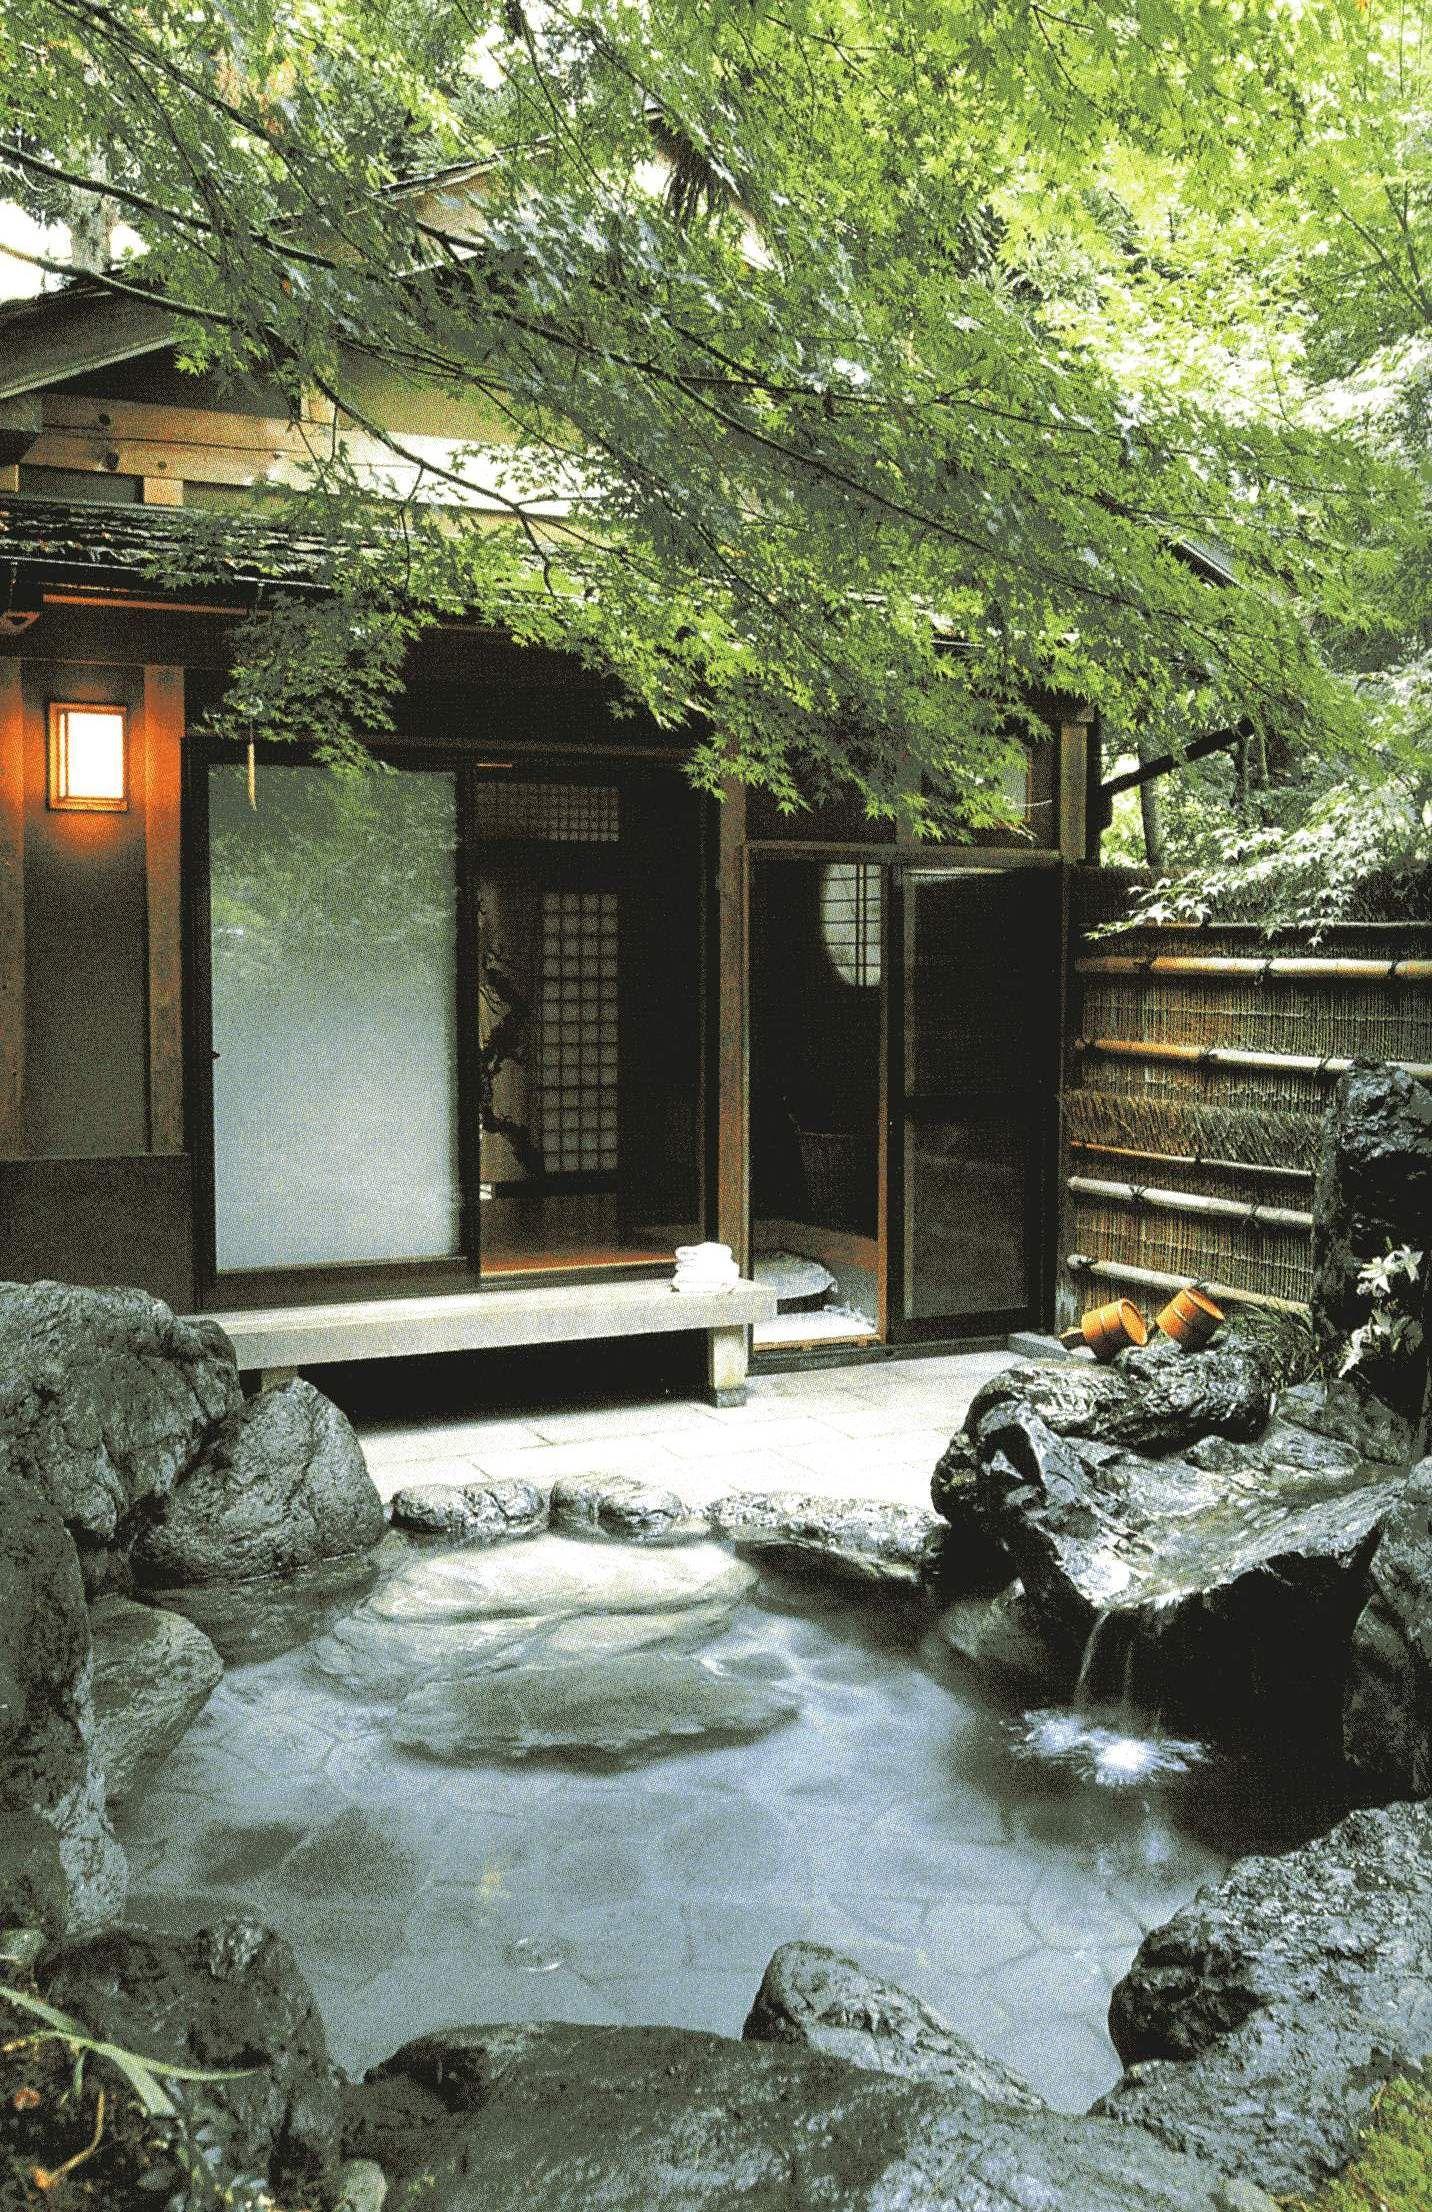 太陽熱利用の露天風呂作りました 夏でも冬でもok ただで自分の家で